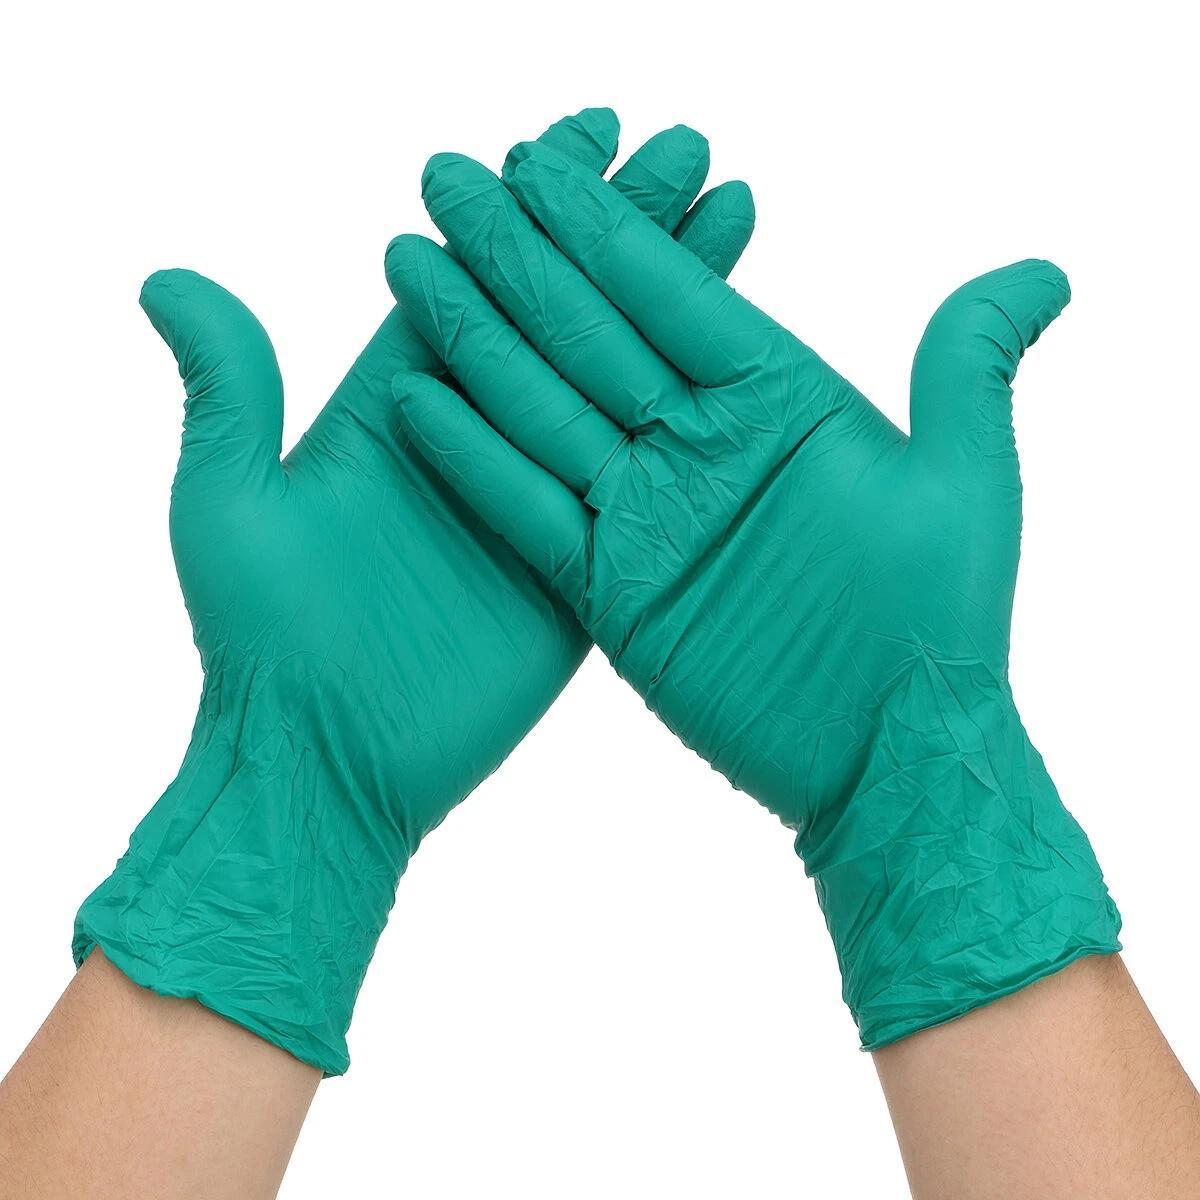 100pcs التي S / M / L المتاح النتريل قفازات حماية اليد الصحة الشخصية التنظيف معالجة قفازات واقية قفاز العمل الخضراء